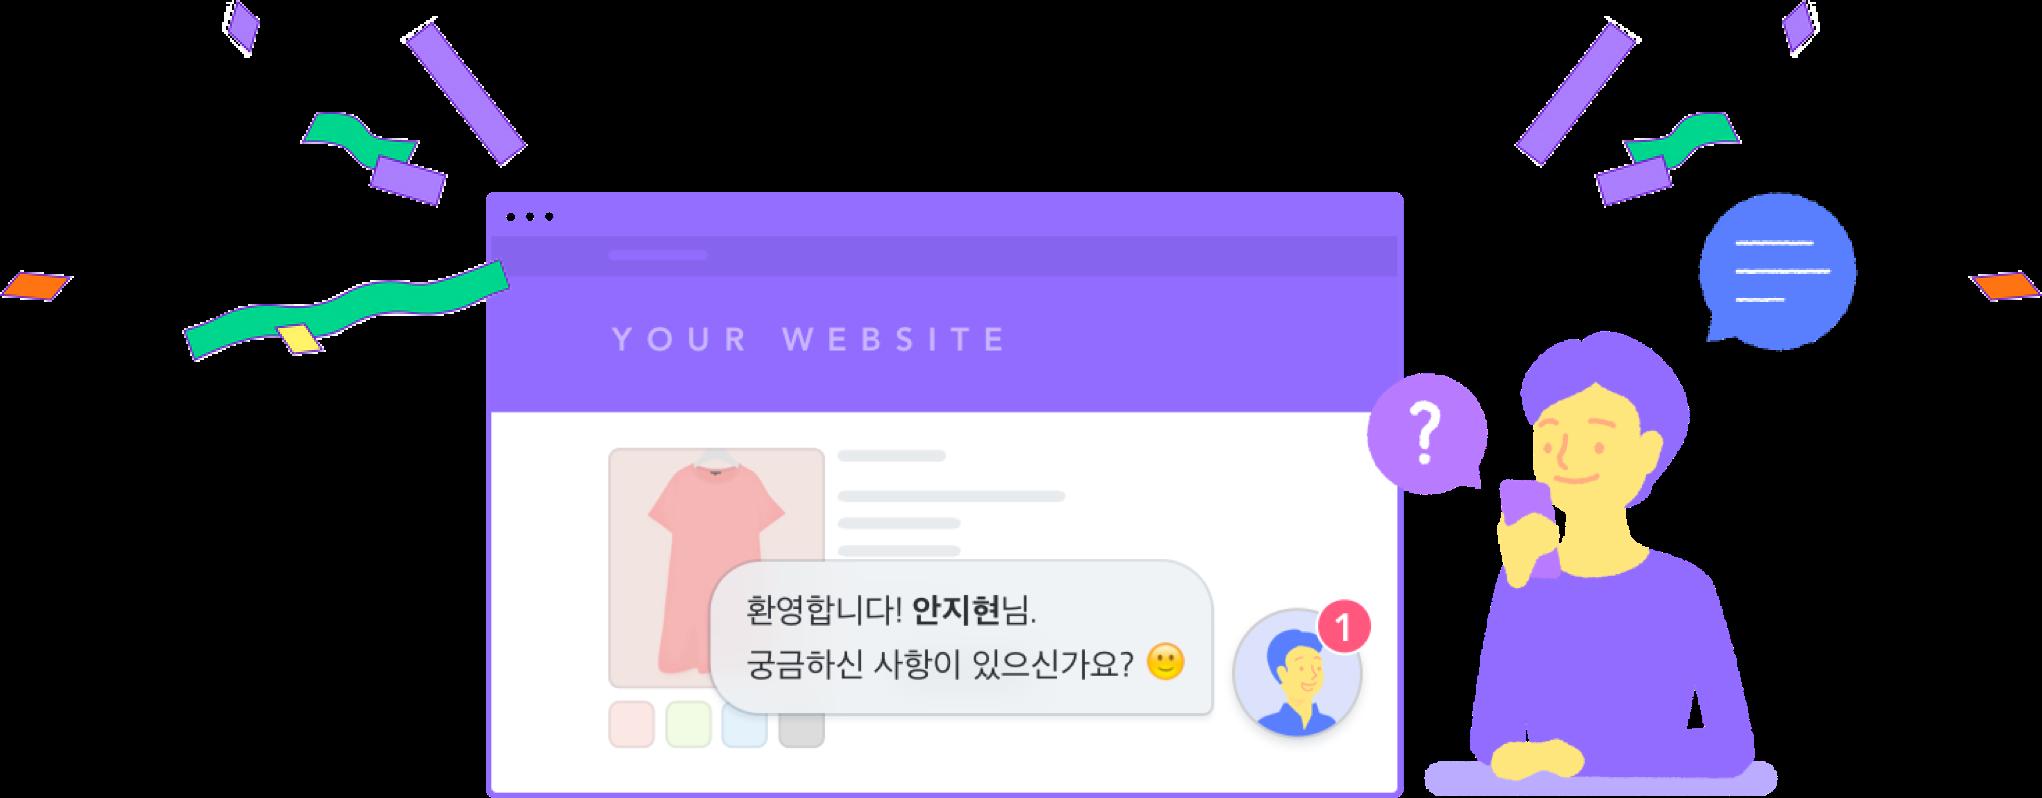 오직 아임웹에서만 채널톡 유료 플랜이 6개월 무료!